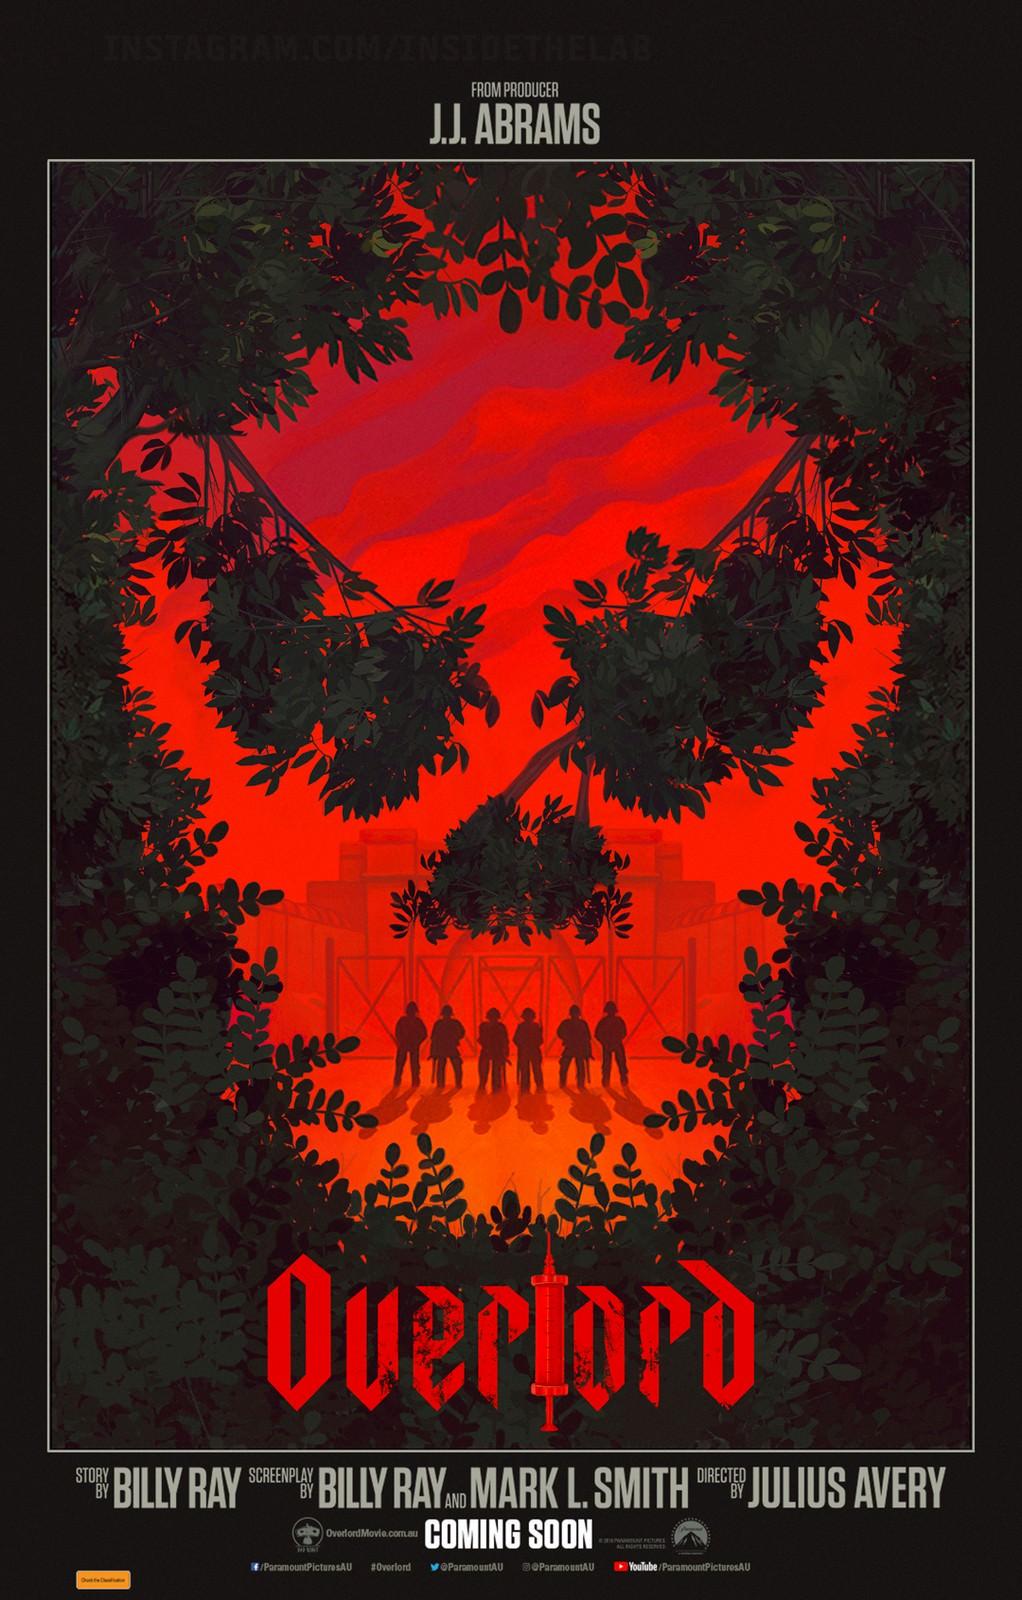 Movie, Overlord(美國, 2018年) / 大君主行動(台灣) / 大君主之役(香港) / 霸主(網路), 電影海報, 澳大利亞